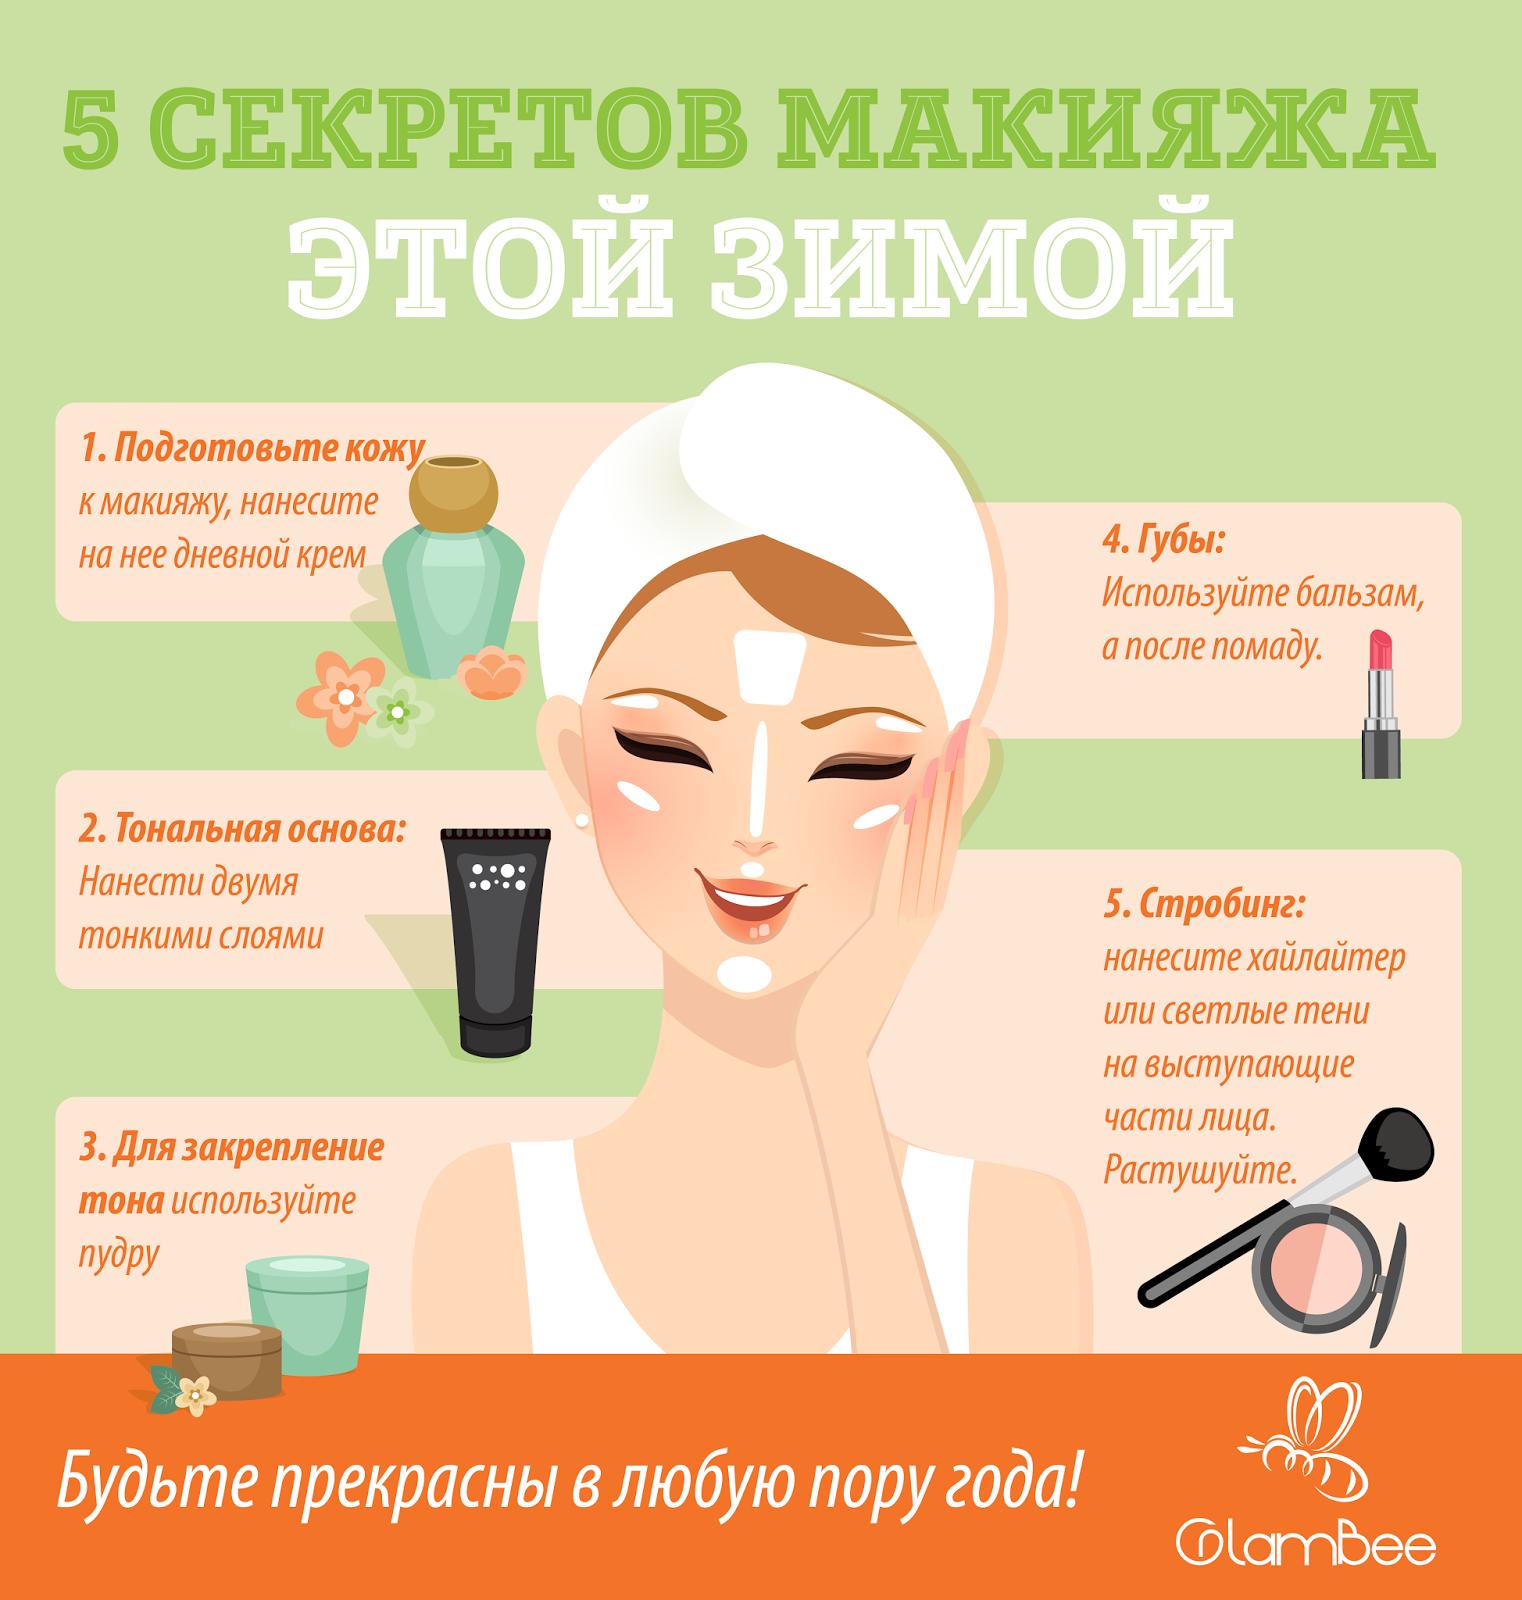 Женские секреты макияжа